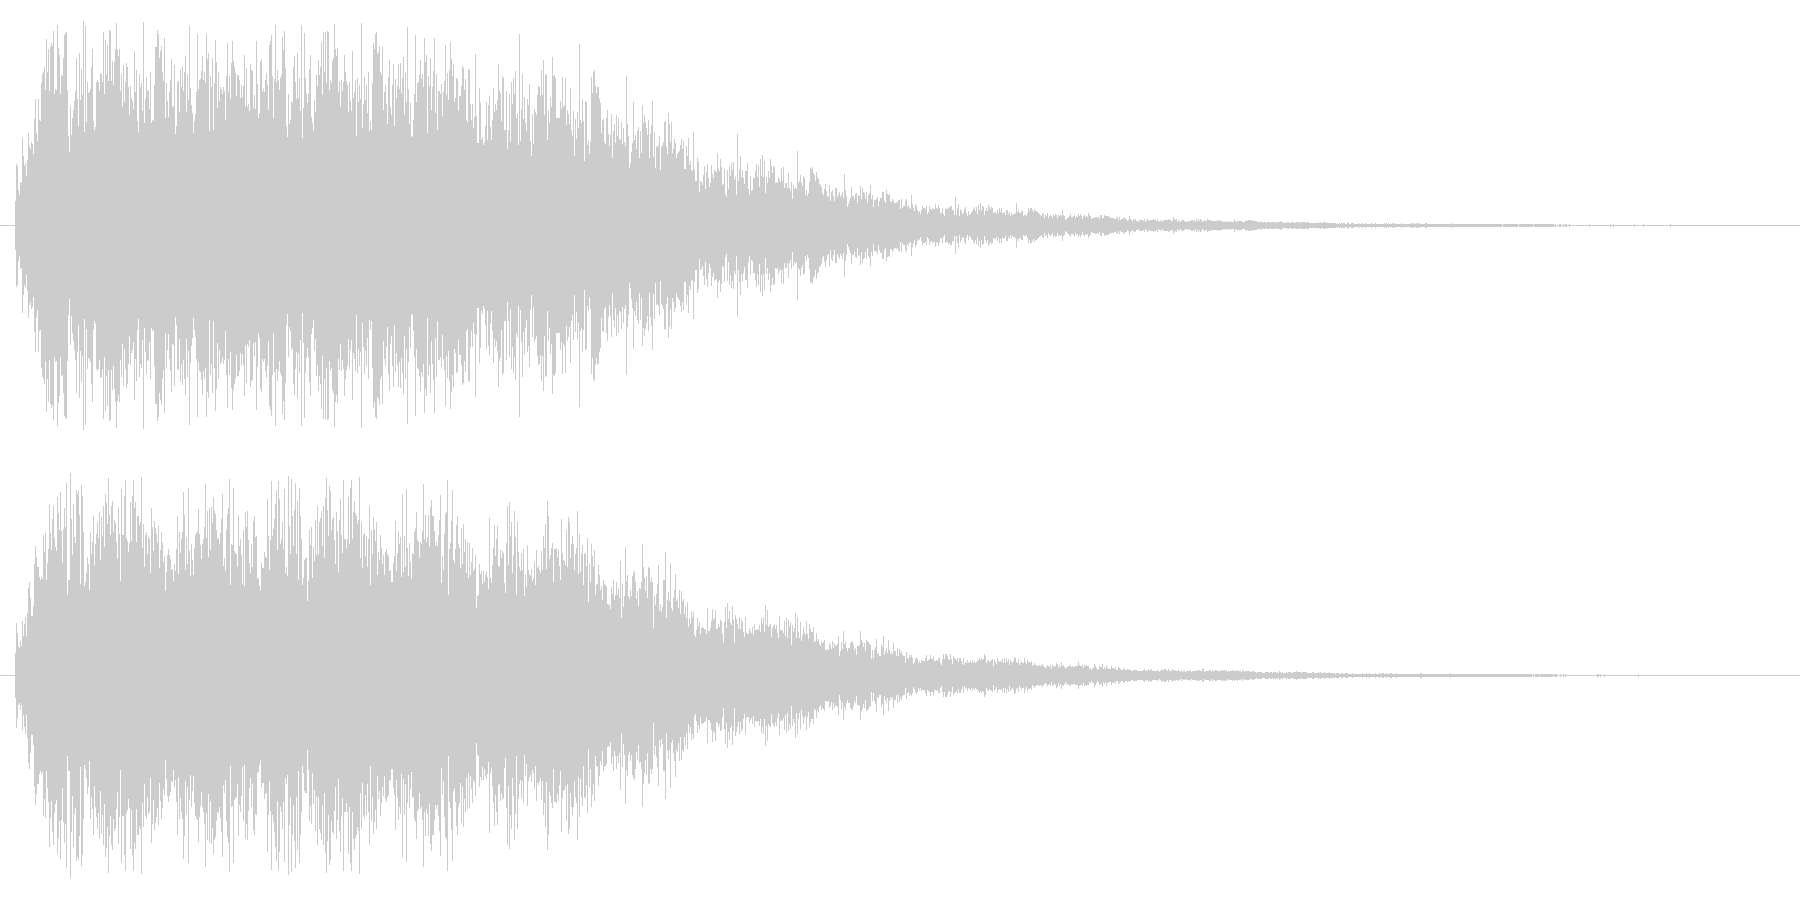 キュワキュワ(透明感のある金属効果音)の未再生の波形